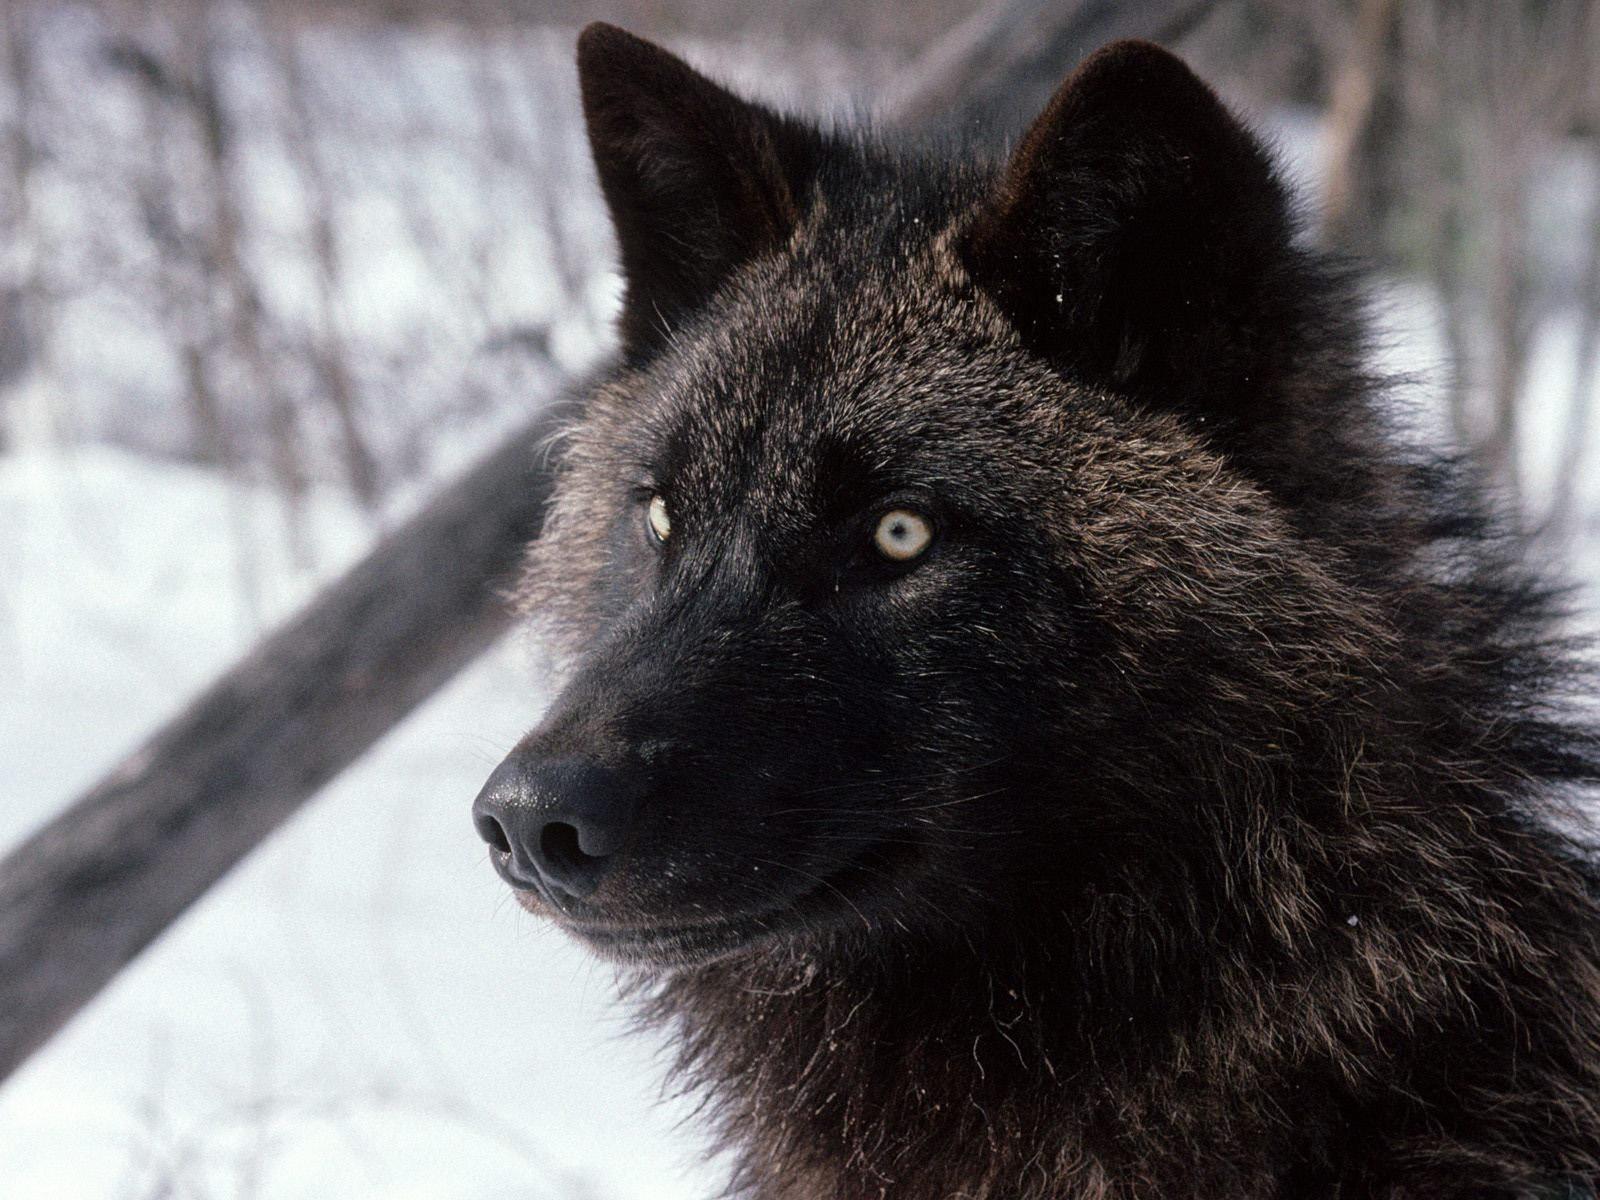 есть подробное смотреть фотографии черного волка крыльце сидели